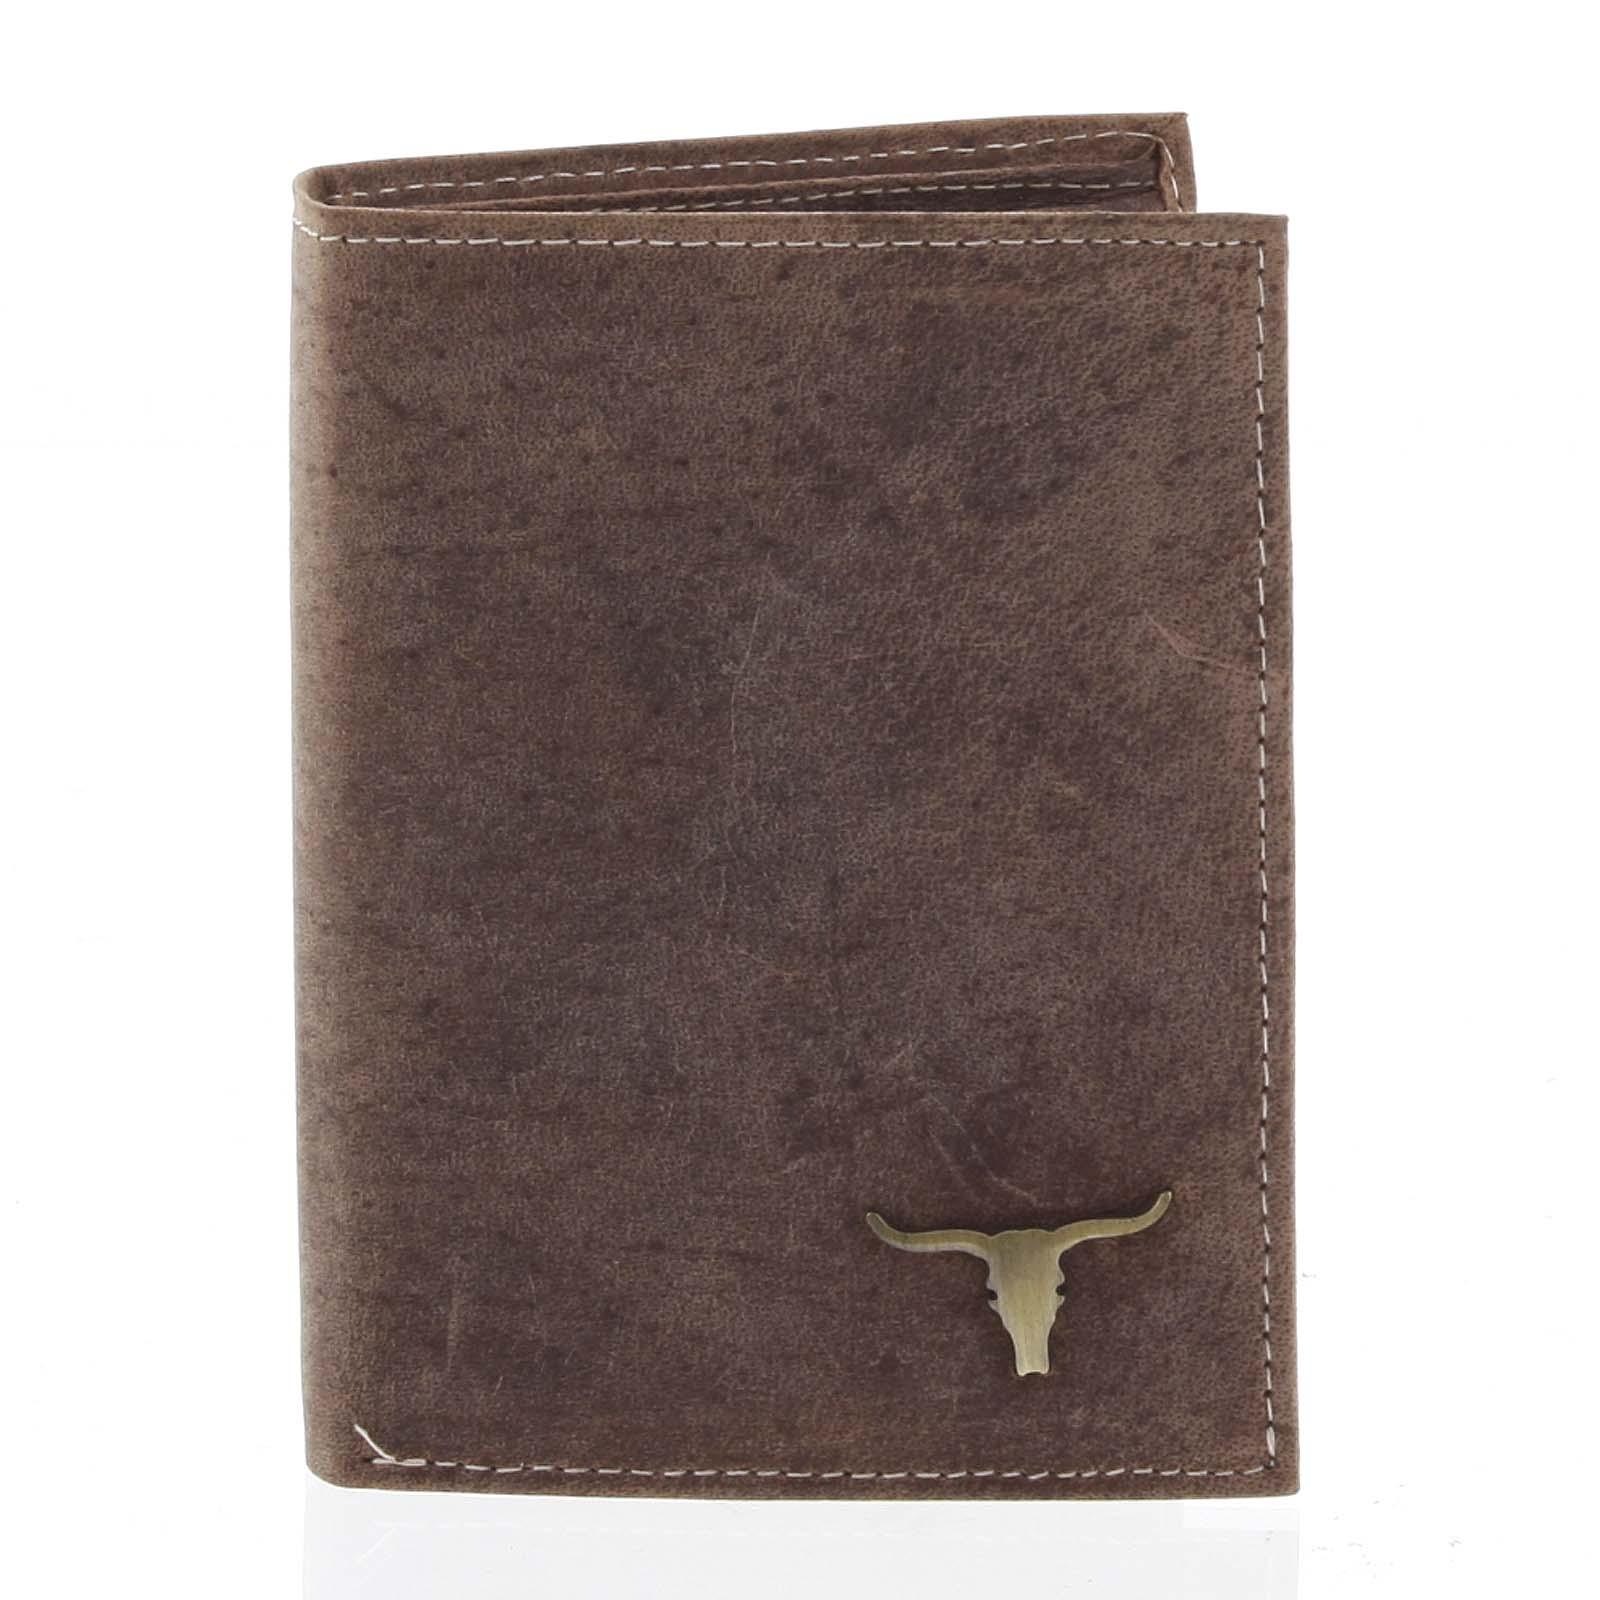 Pánská kožená peněženka camel - BUFFALO Dura